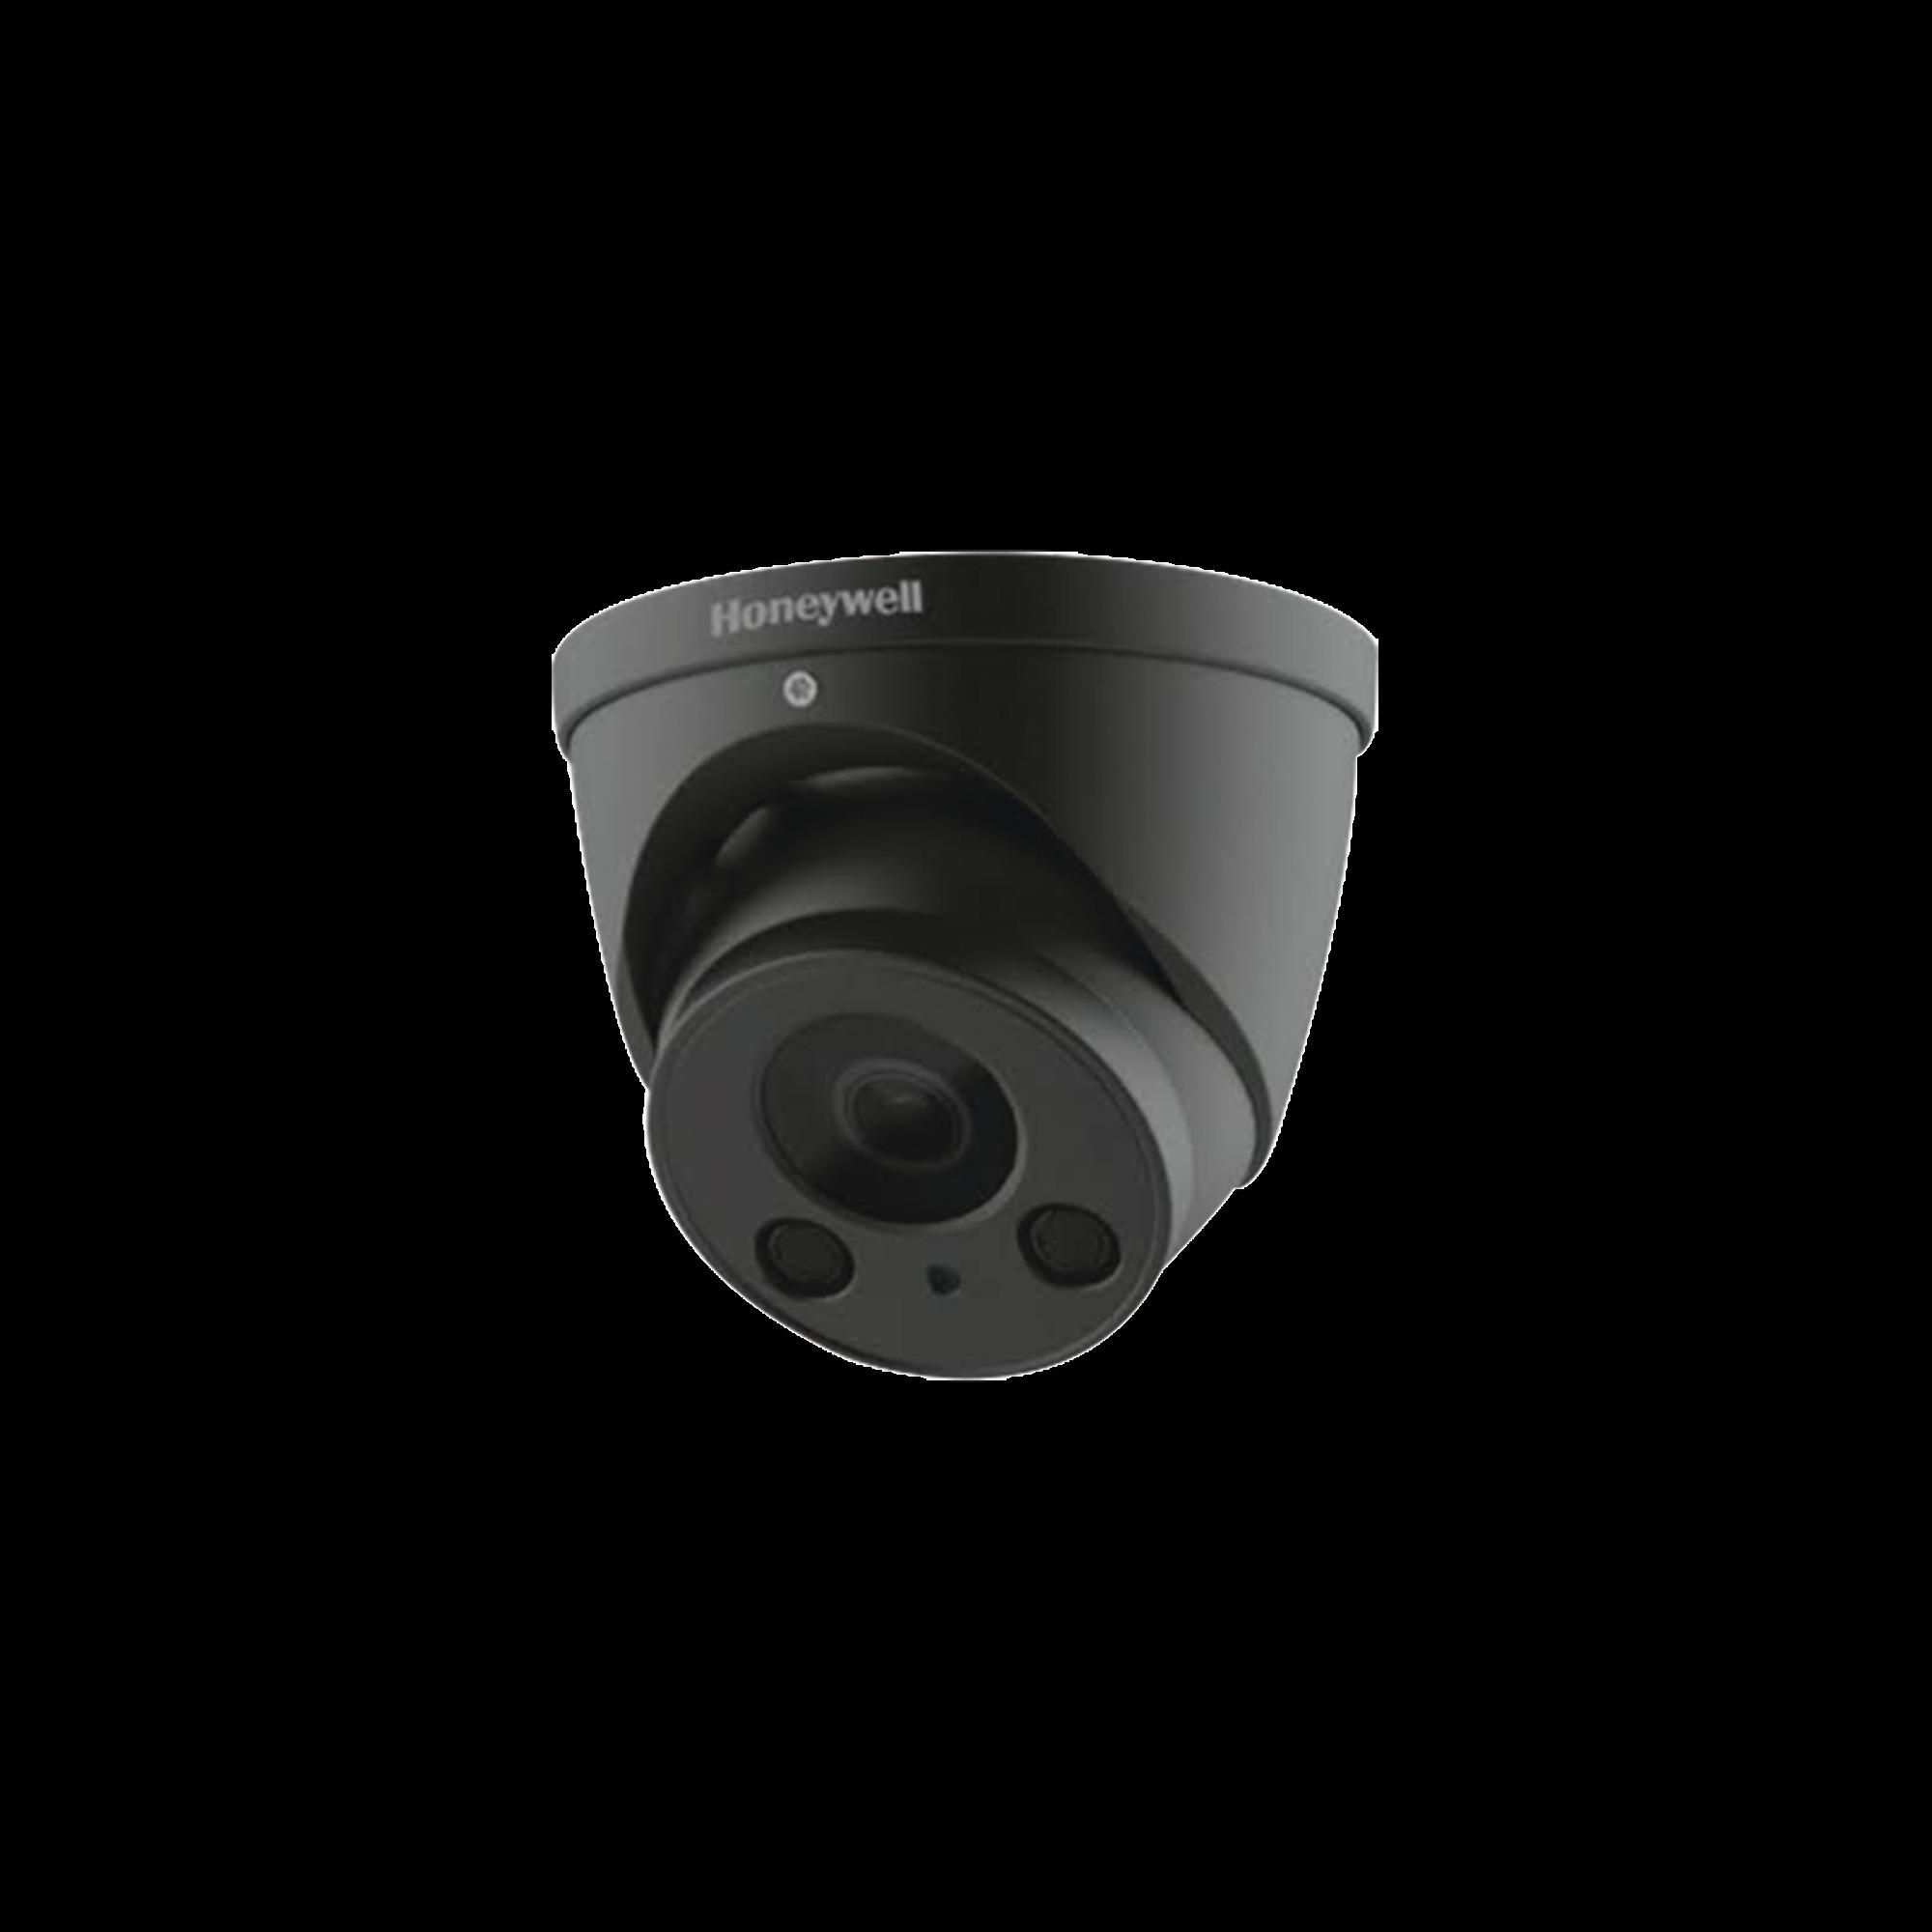 Cámara Eyeball / 2 Megapixel / WDR 120dB / Lente Motorizado 2.7 a 12 mm / Leds IR / POE / H264